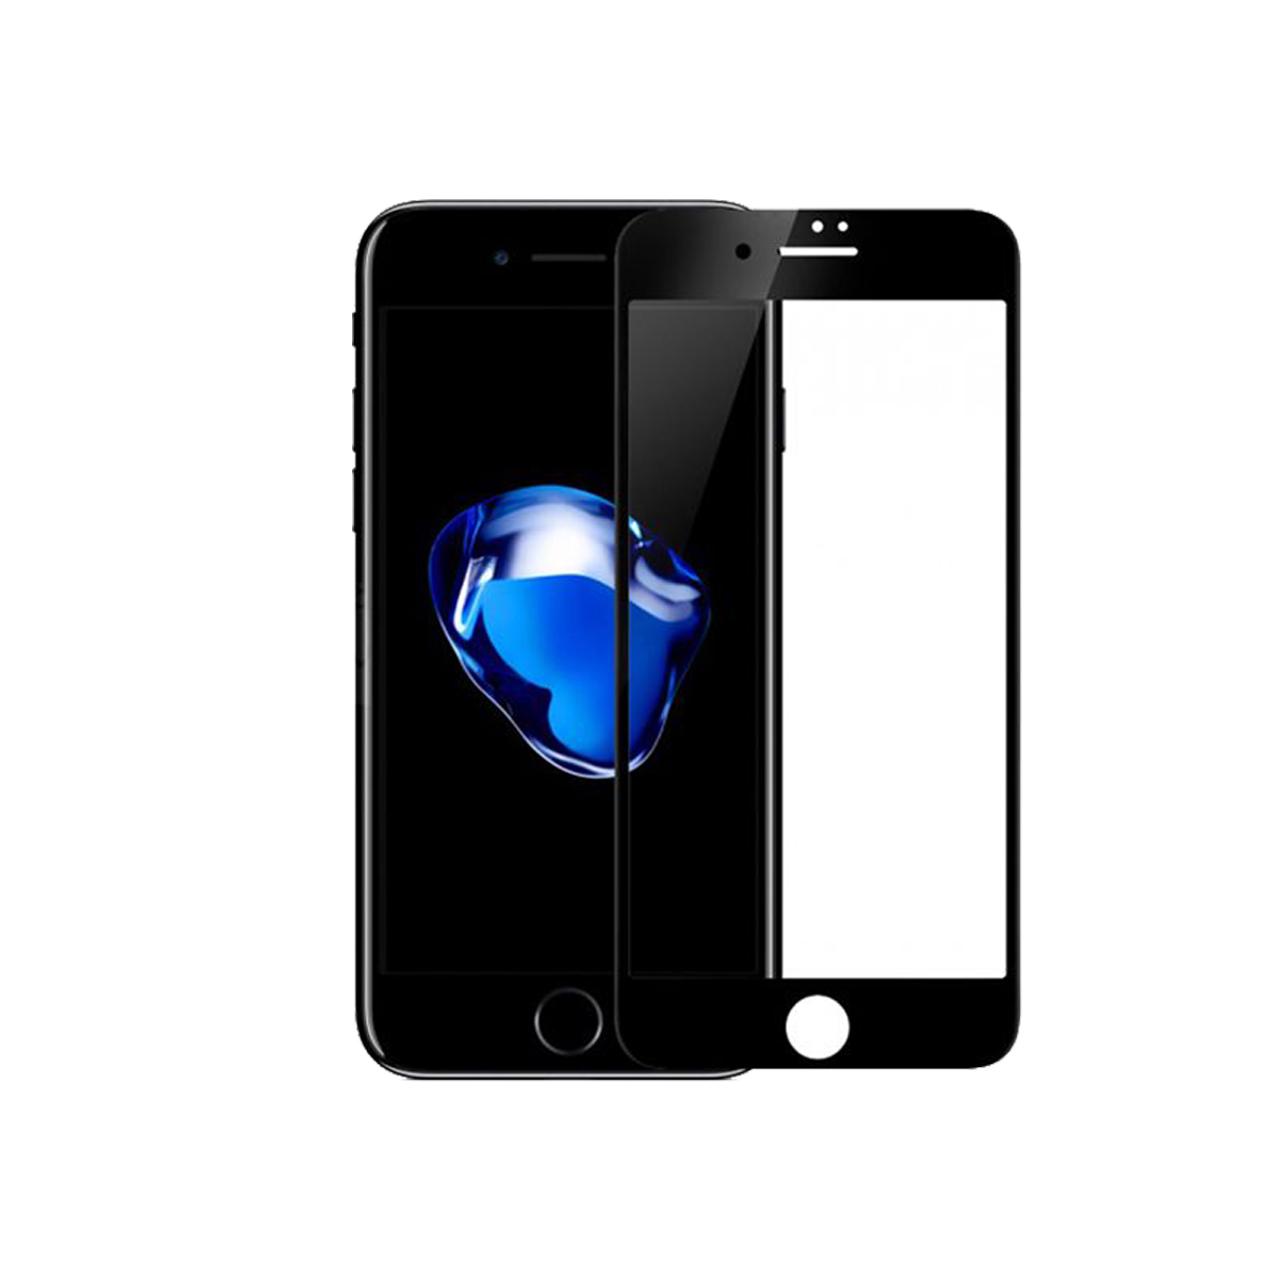 محافظ صفحه نمایش شیشه ای مریت مدل Full Cover مناسب برای گوشی موبایل اپل iPhone 8